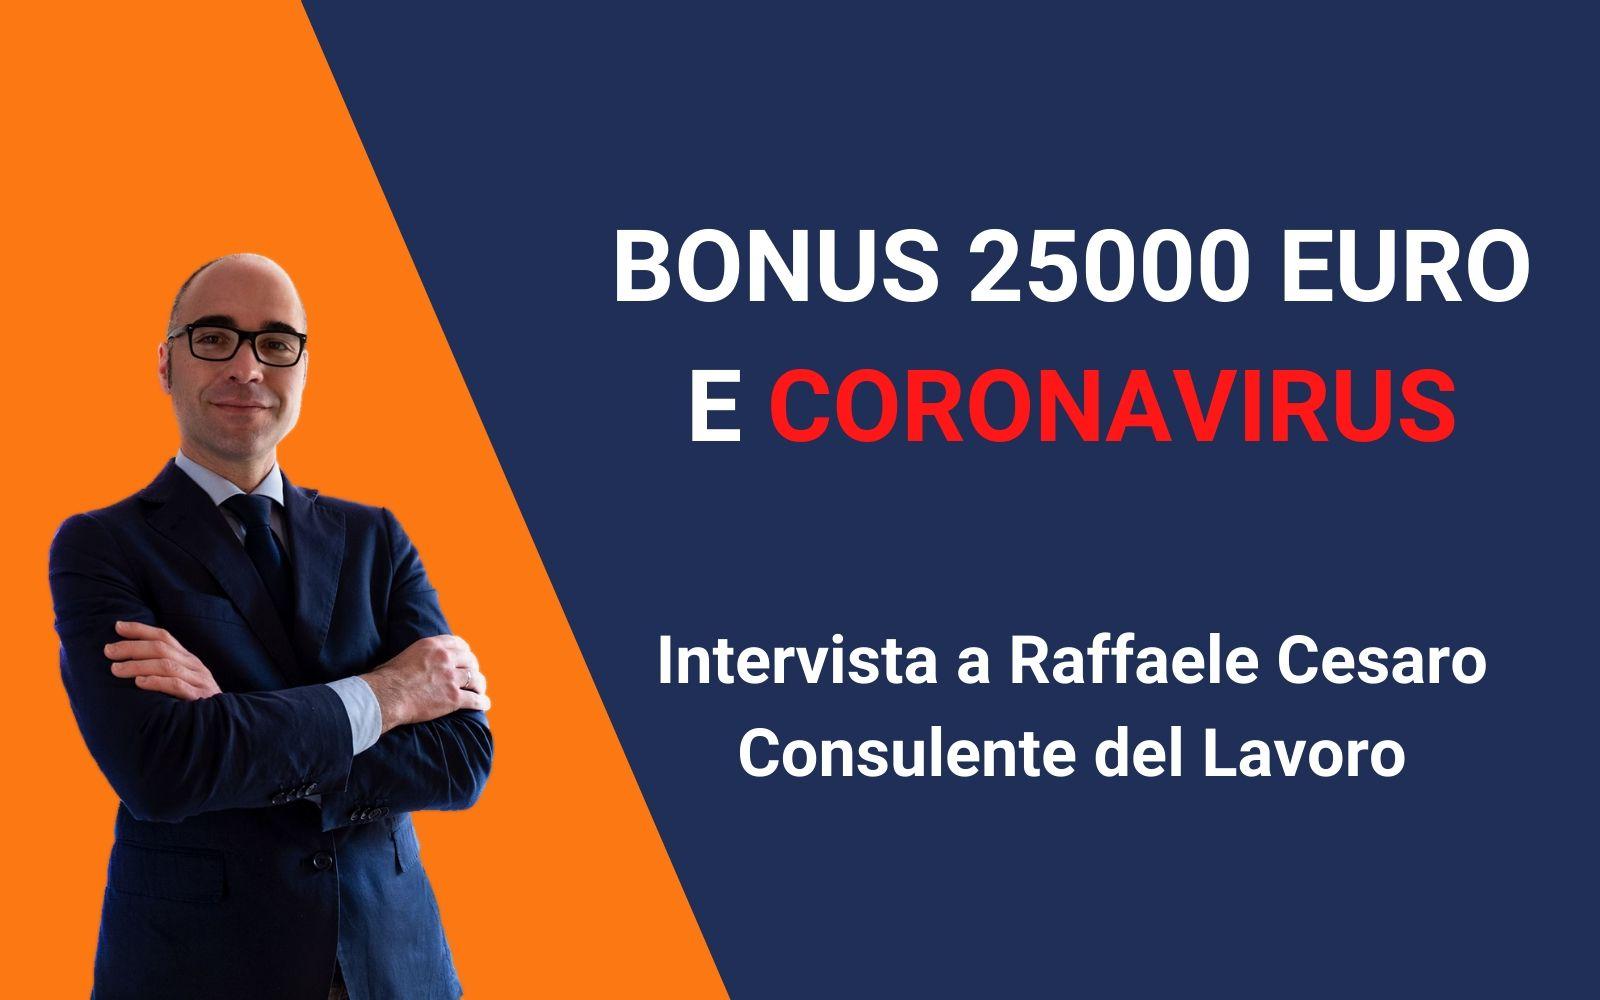 bonus 25000 euro coronavirus